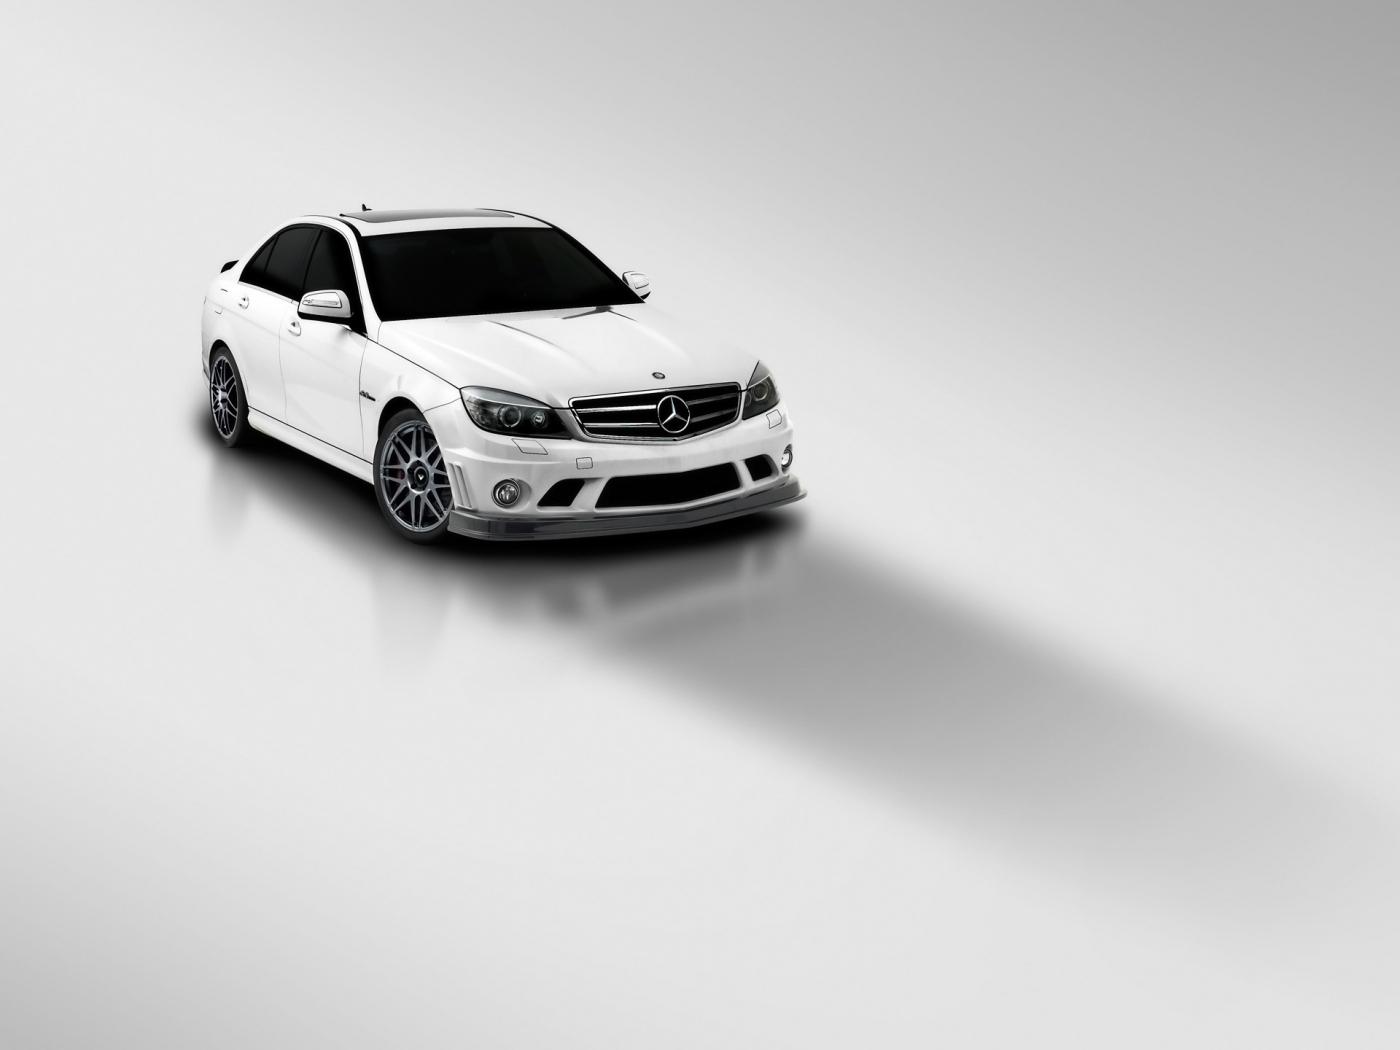 47815 скачать обои Транспорт, Машины, Мерседес (Mercedes) - заставки и картинки бесплатно